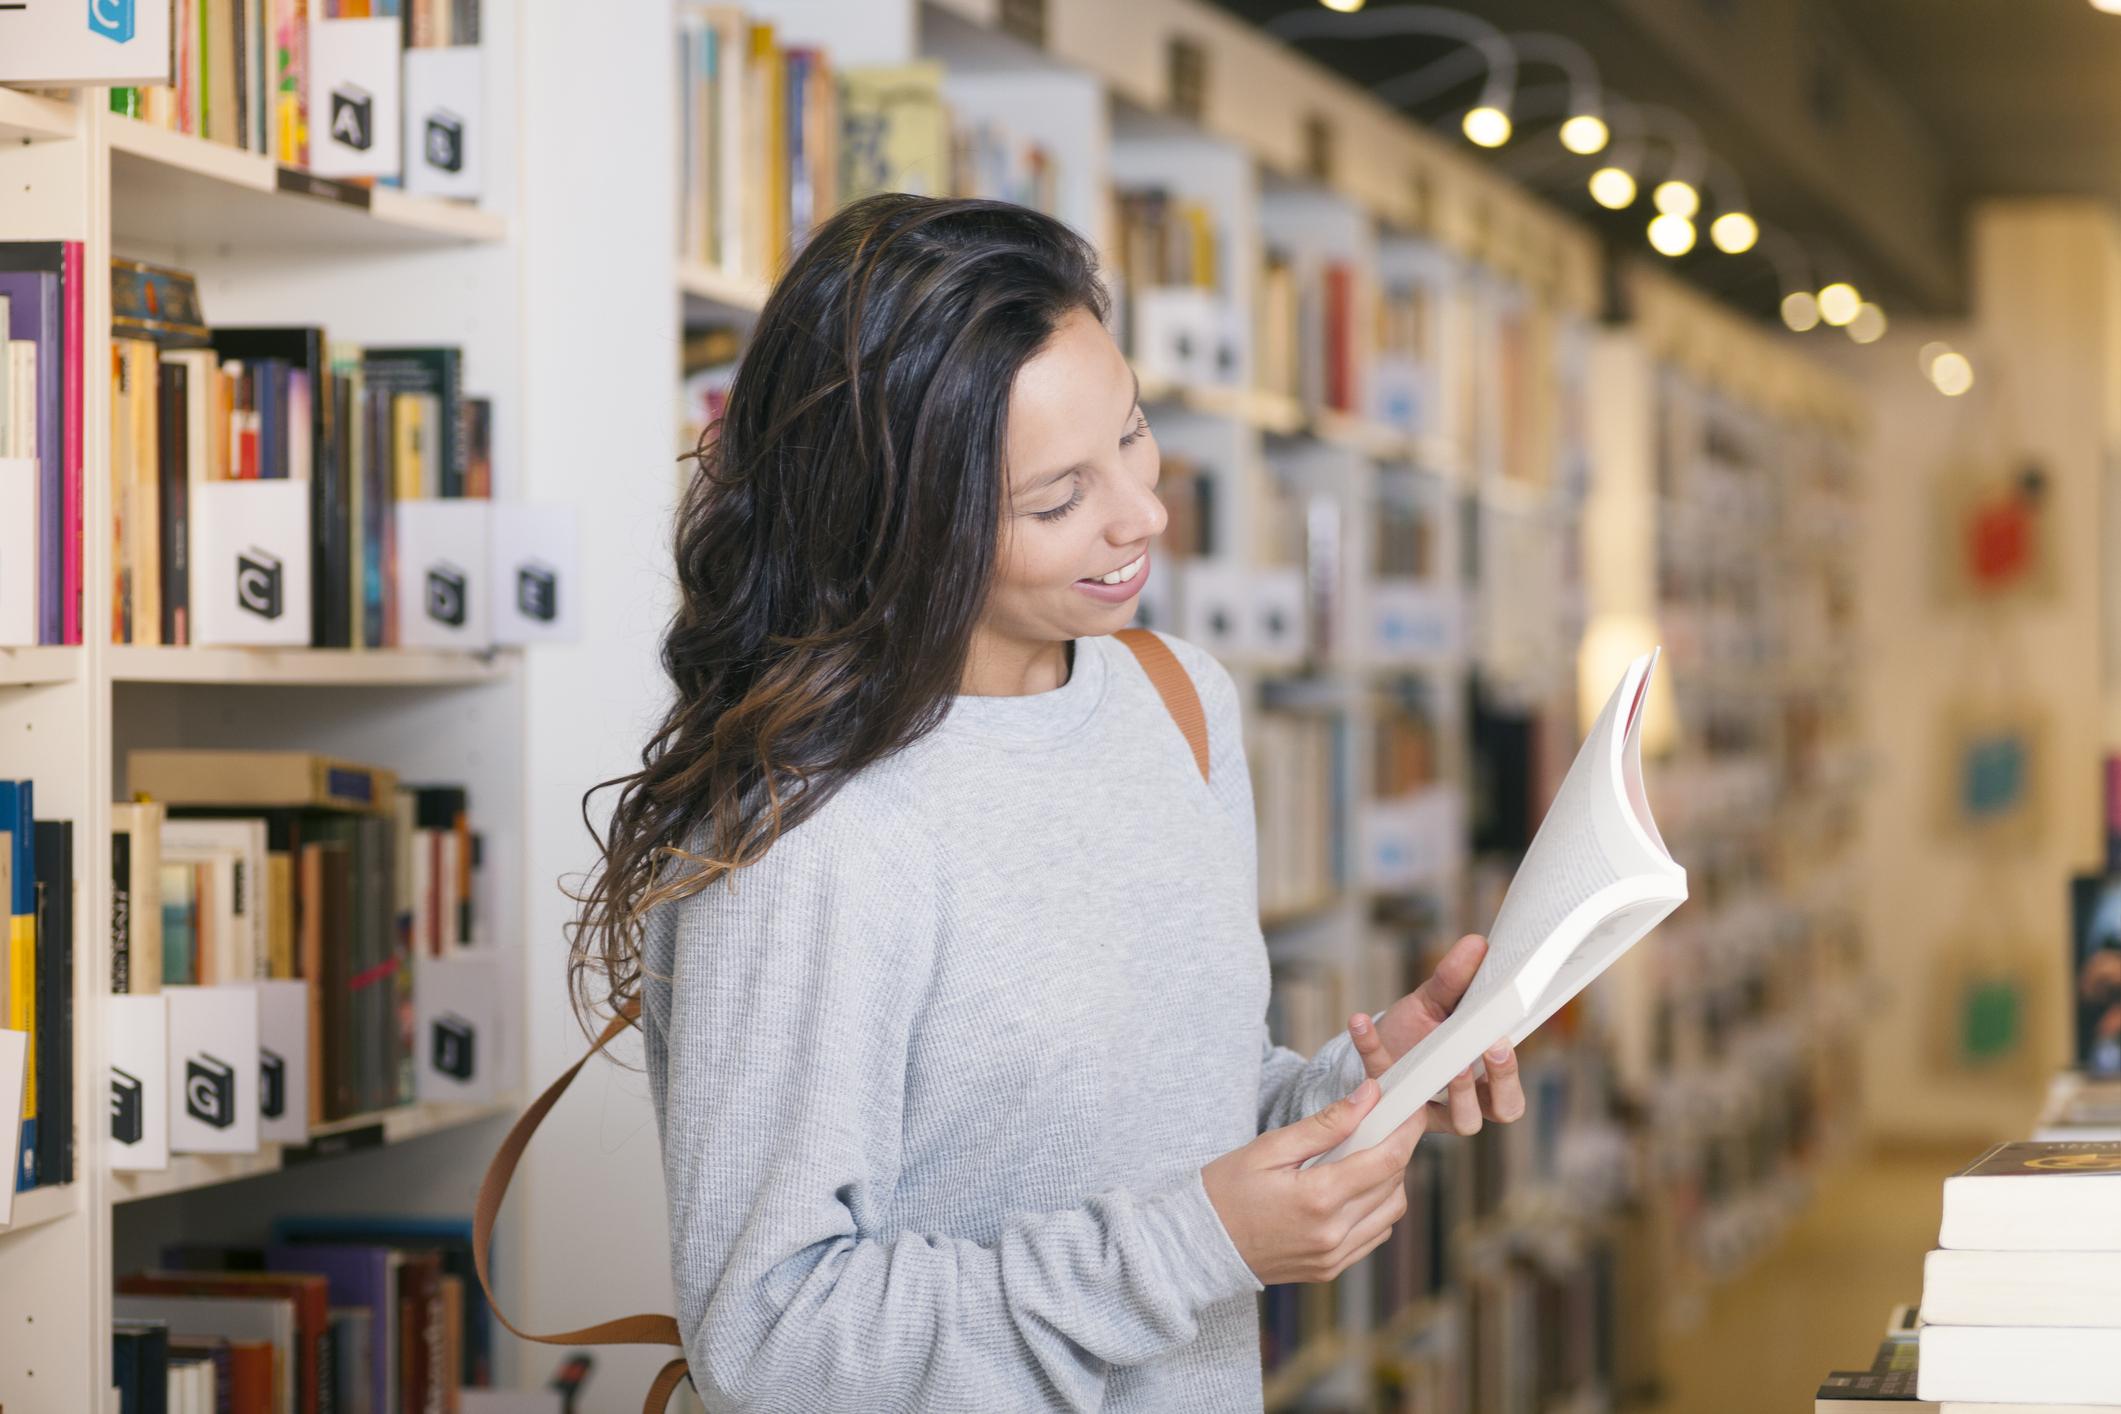 comprar livros com descontos